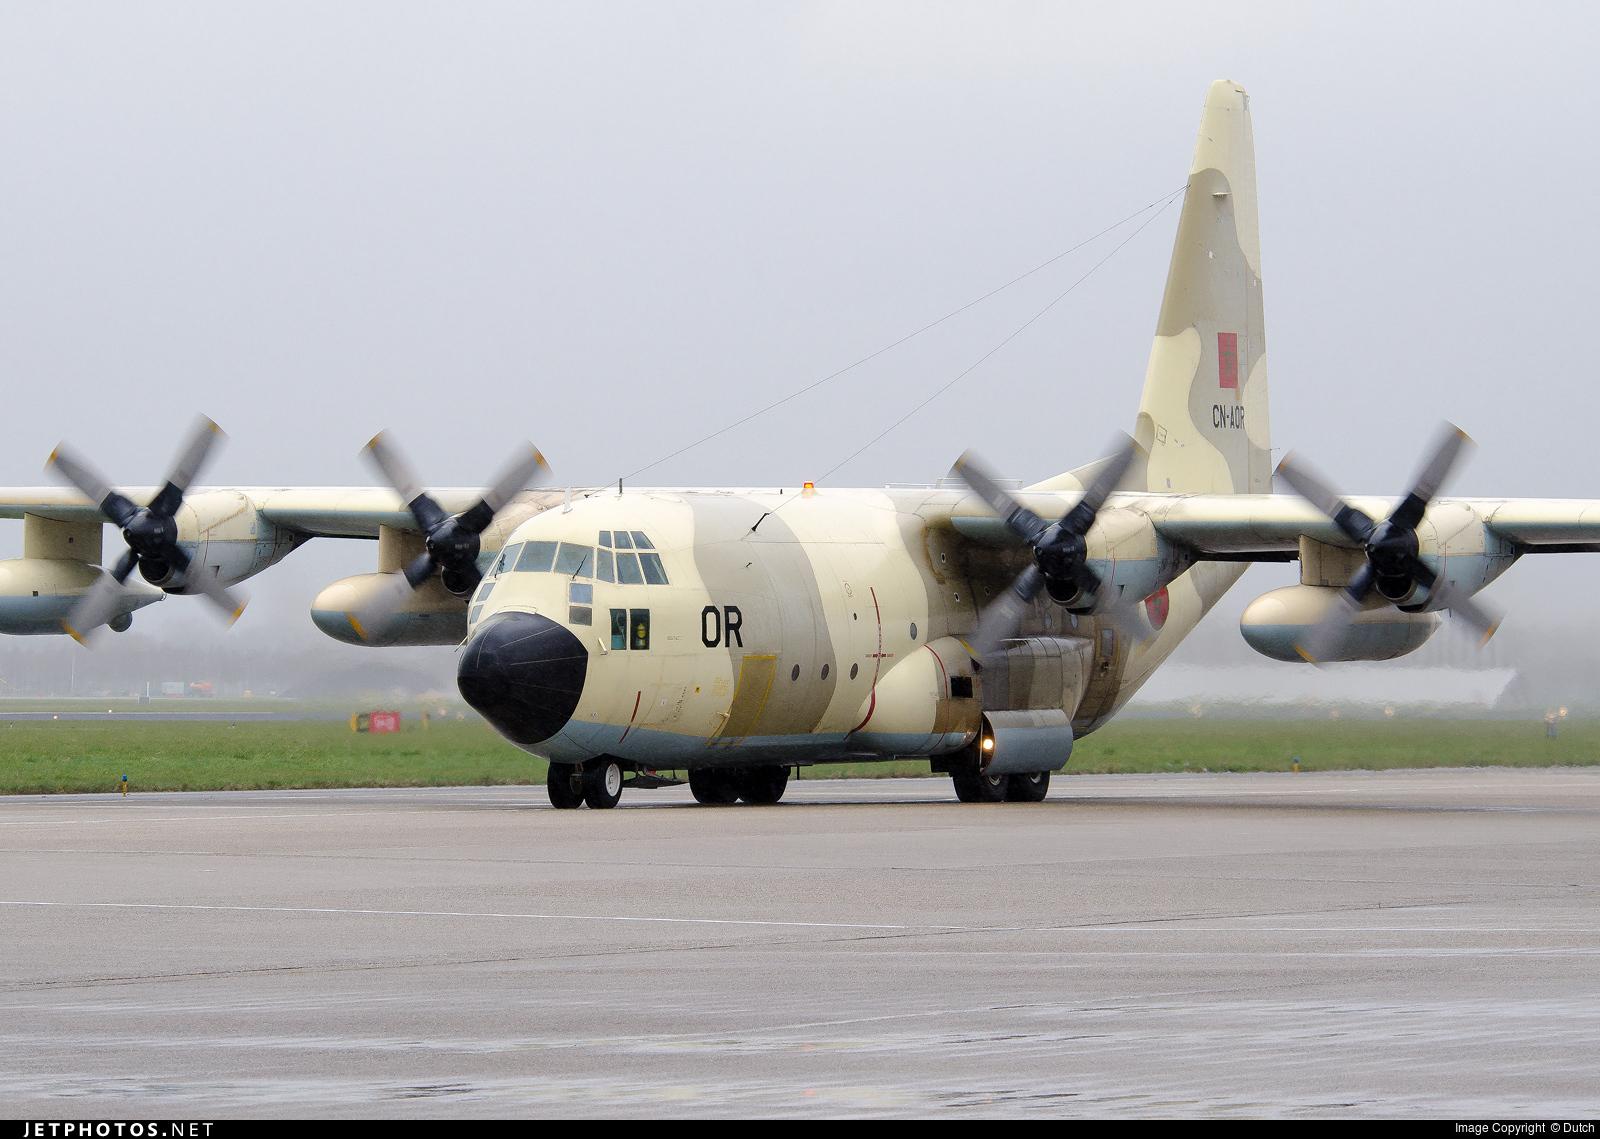 FRA: Photos d'avions de transport - Page 27 160408090002569076